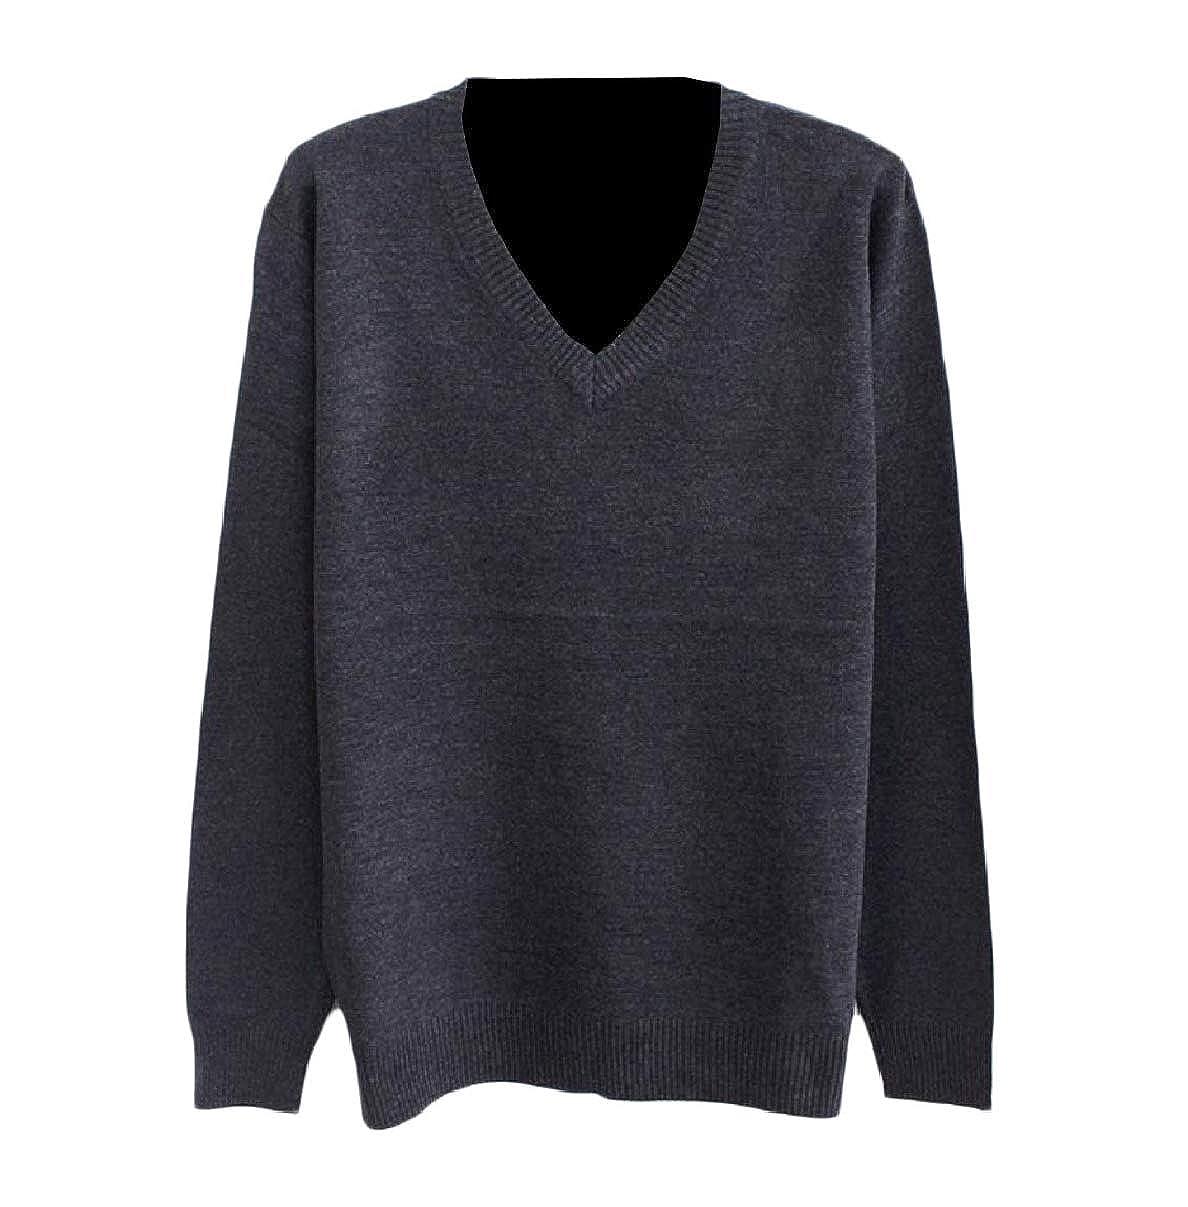 RDHOPE-Men Leisure Warm Soft Solid Fitted V-Neck Knit Jumper Pullover